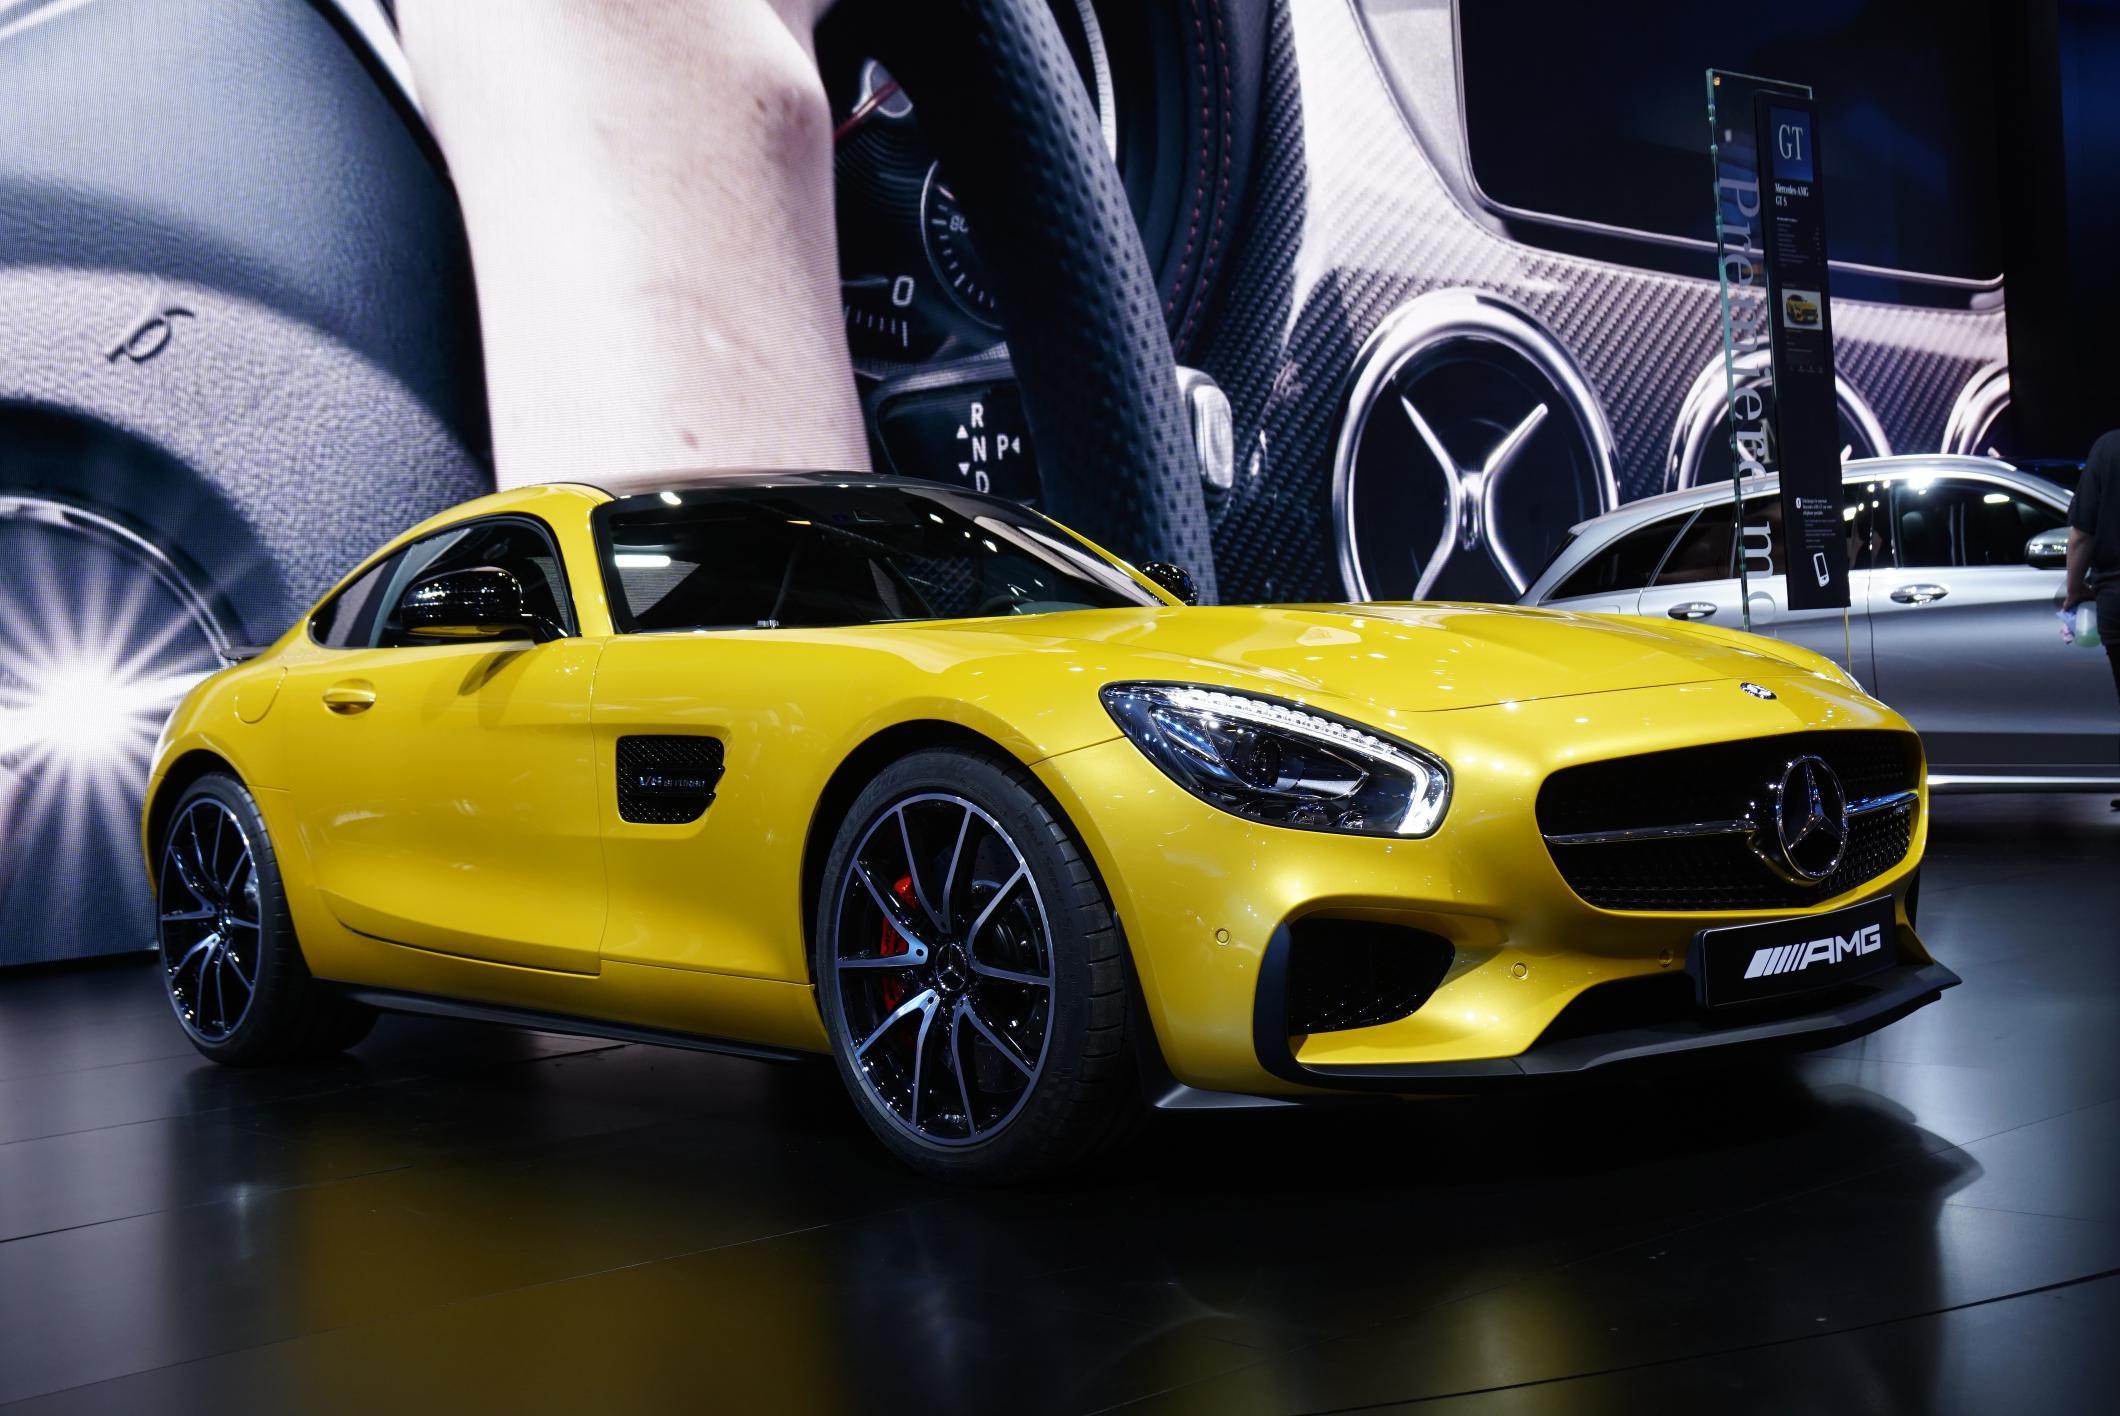 Mercedes-AMG GT al Salone dell'Auto di Parigi: le immagini dal vivo